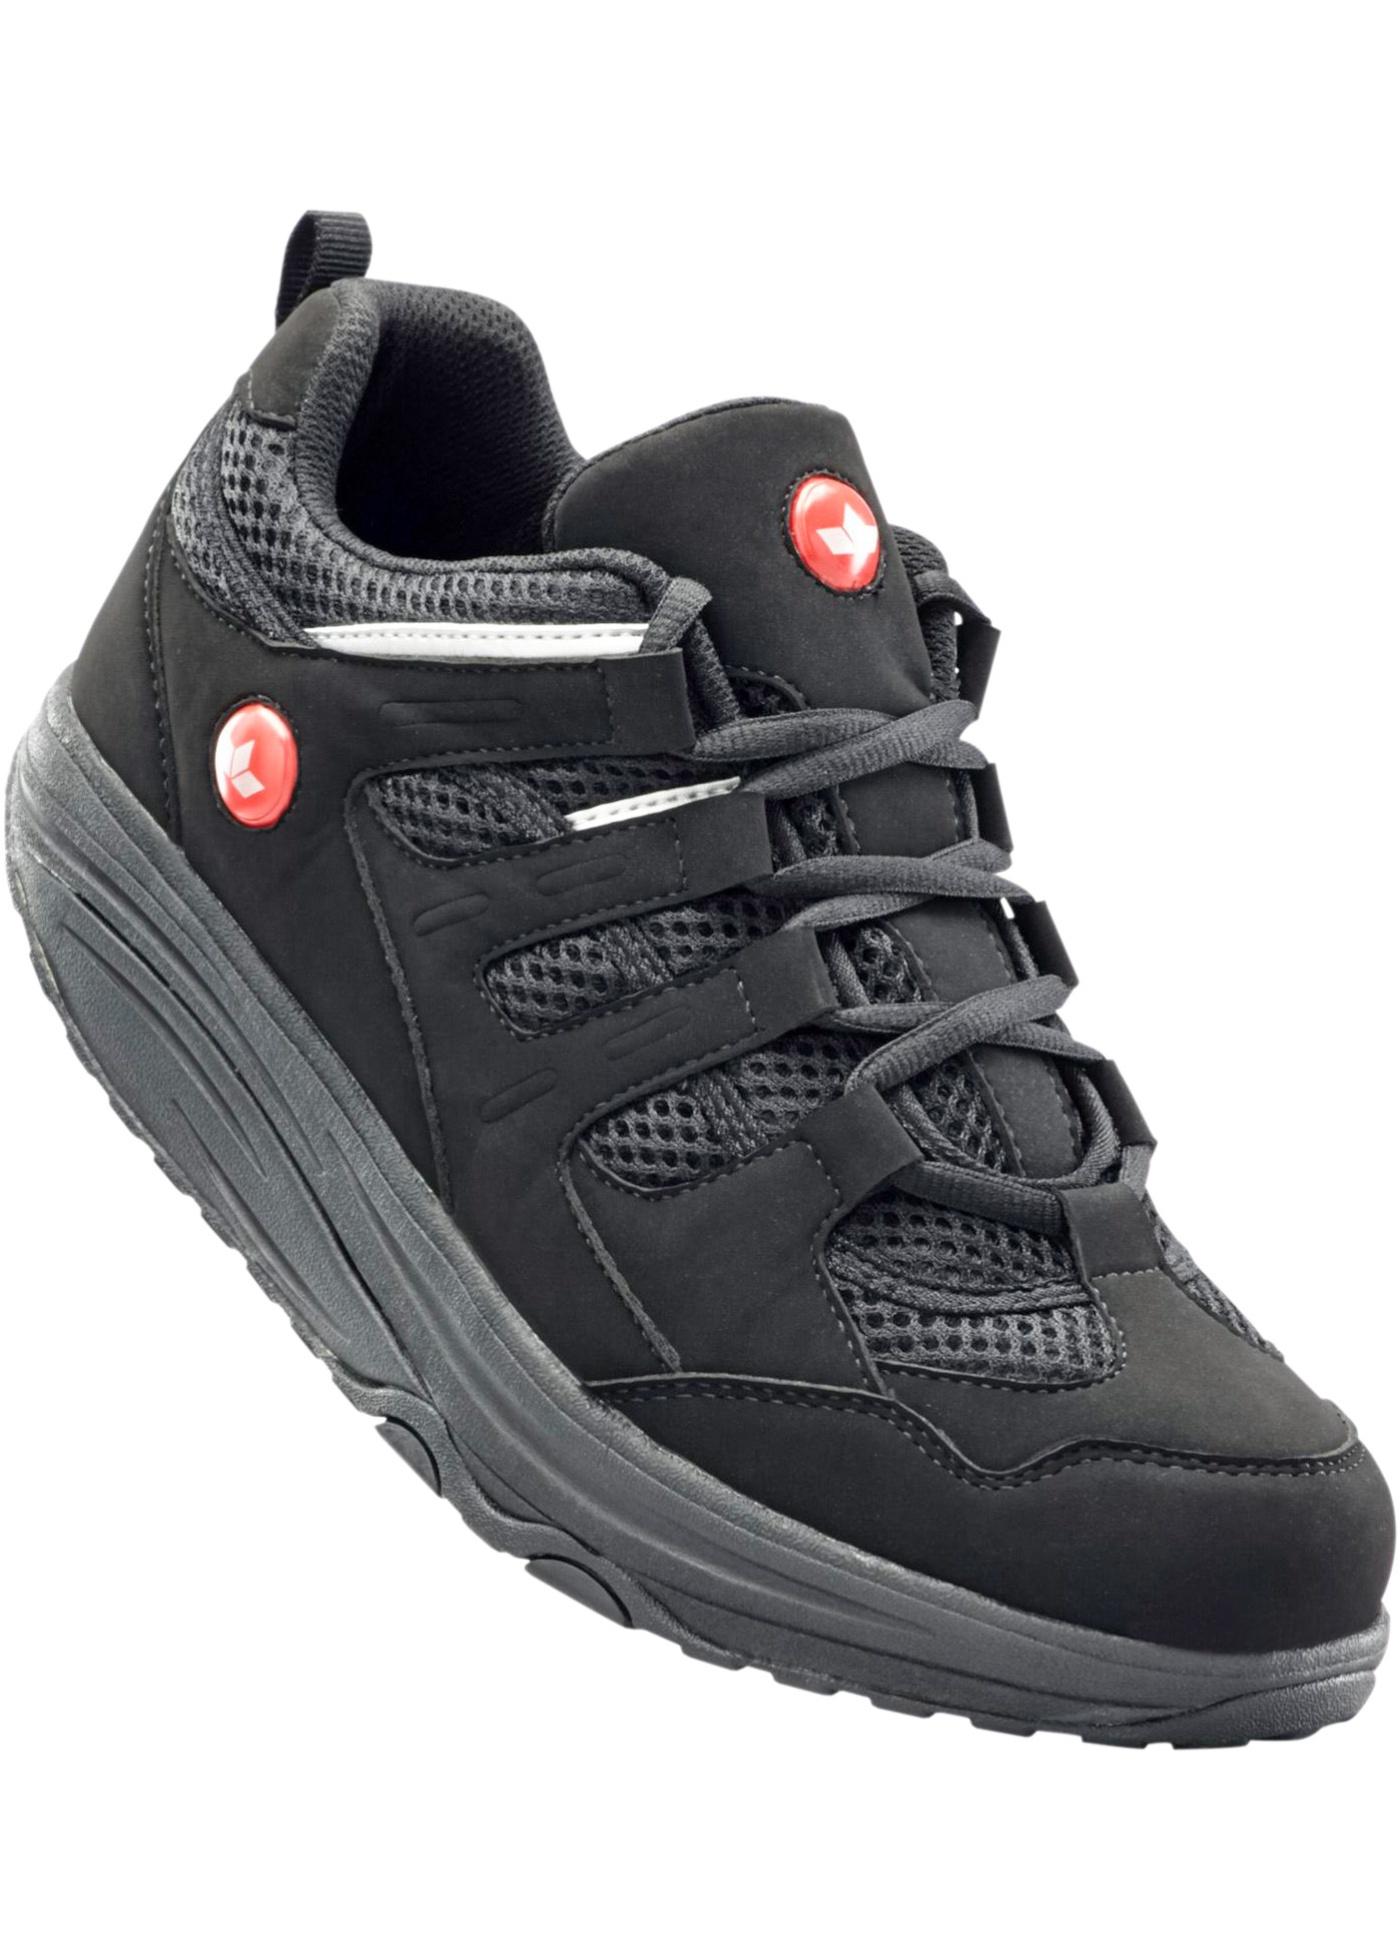 Chaussures confortables de la marque Lico avec semelle extérieure Shape-Up et semelle intérieure textile amovible.